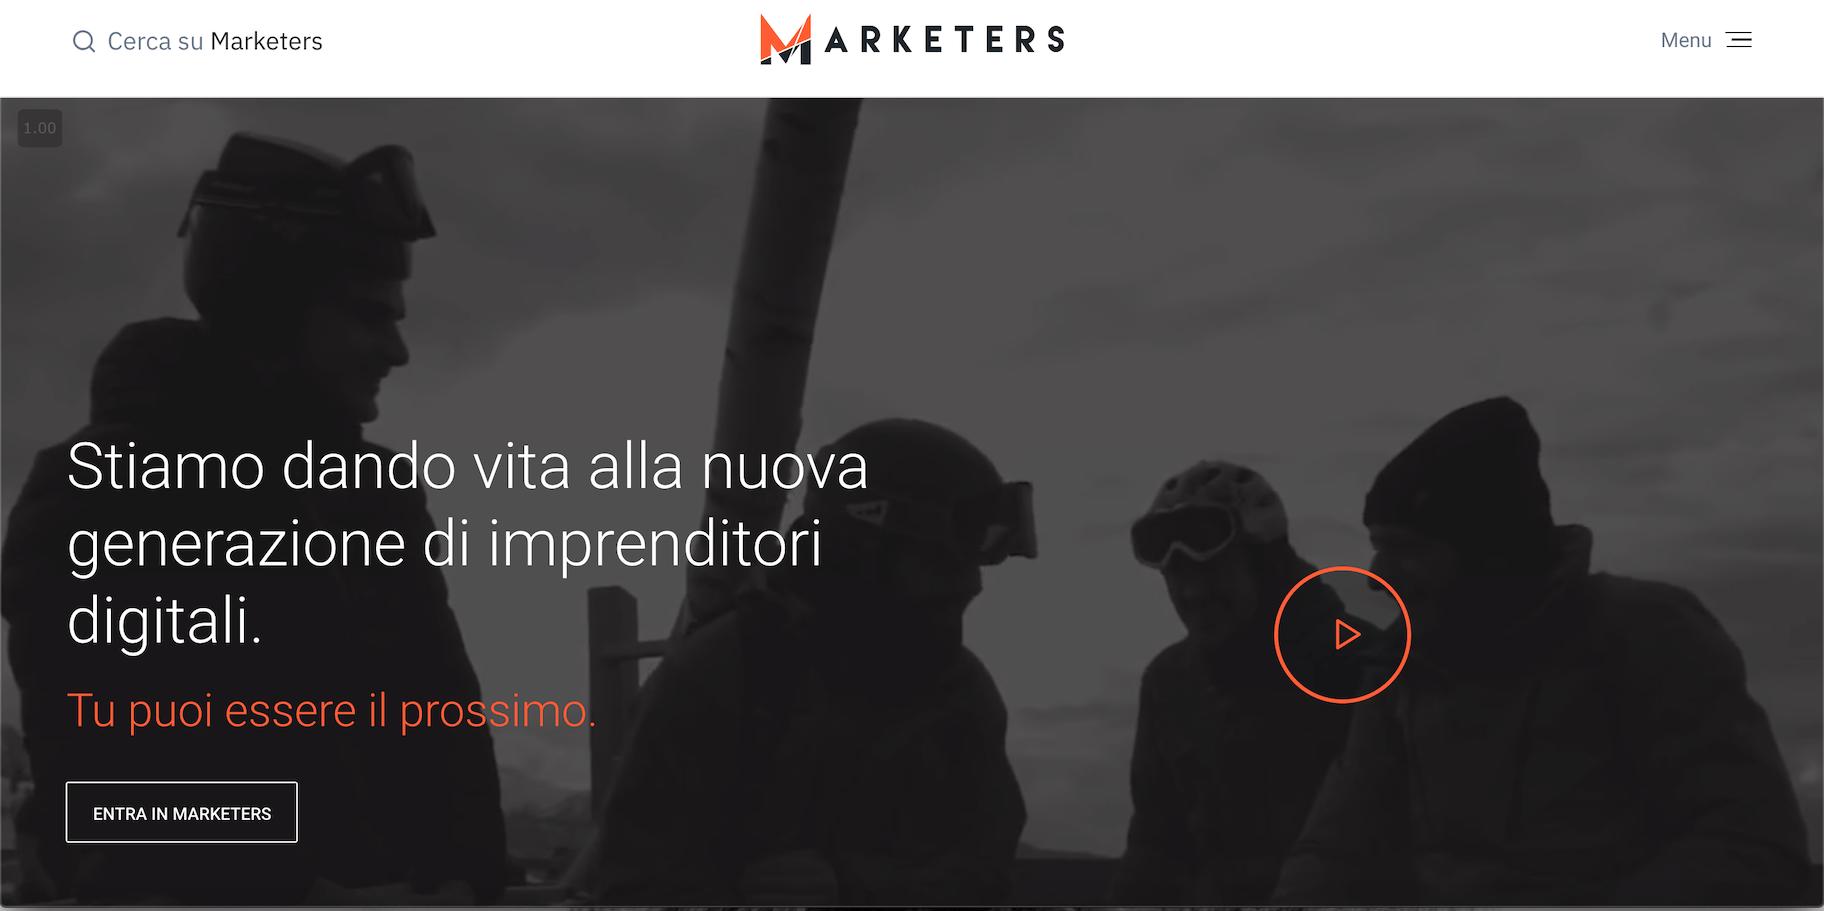 marketers.media secondo lavoro